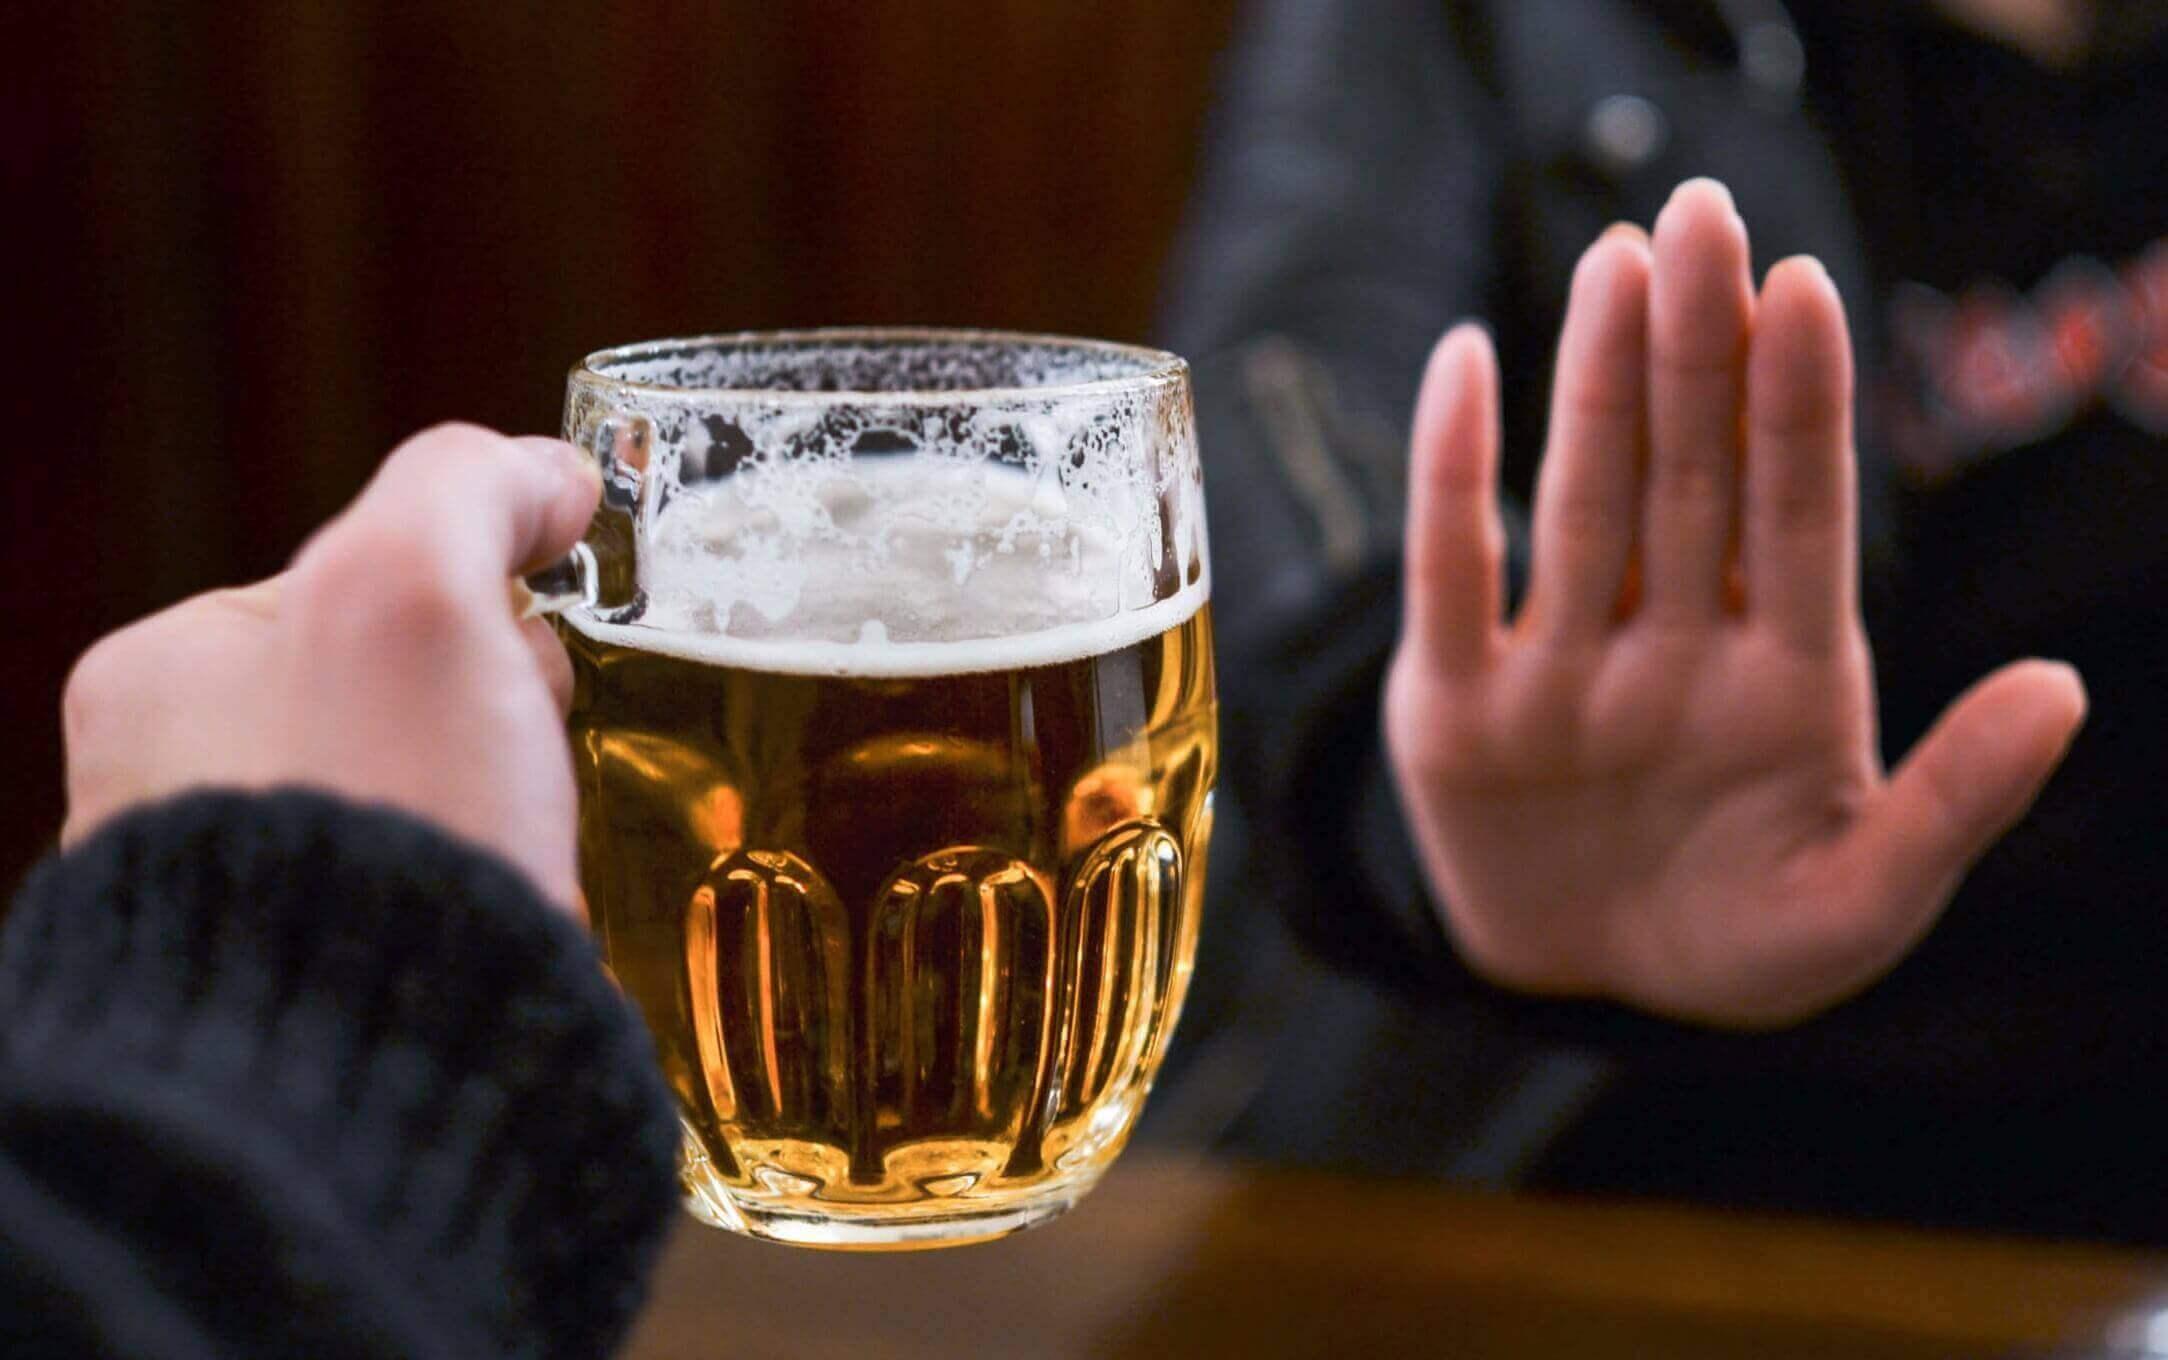 Leberentgiftungsdiäten: Bier